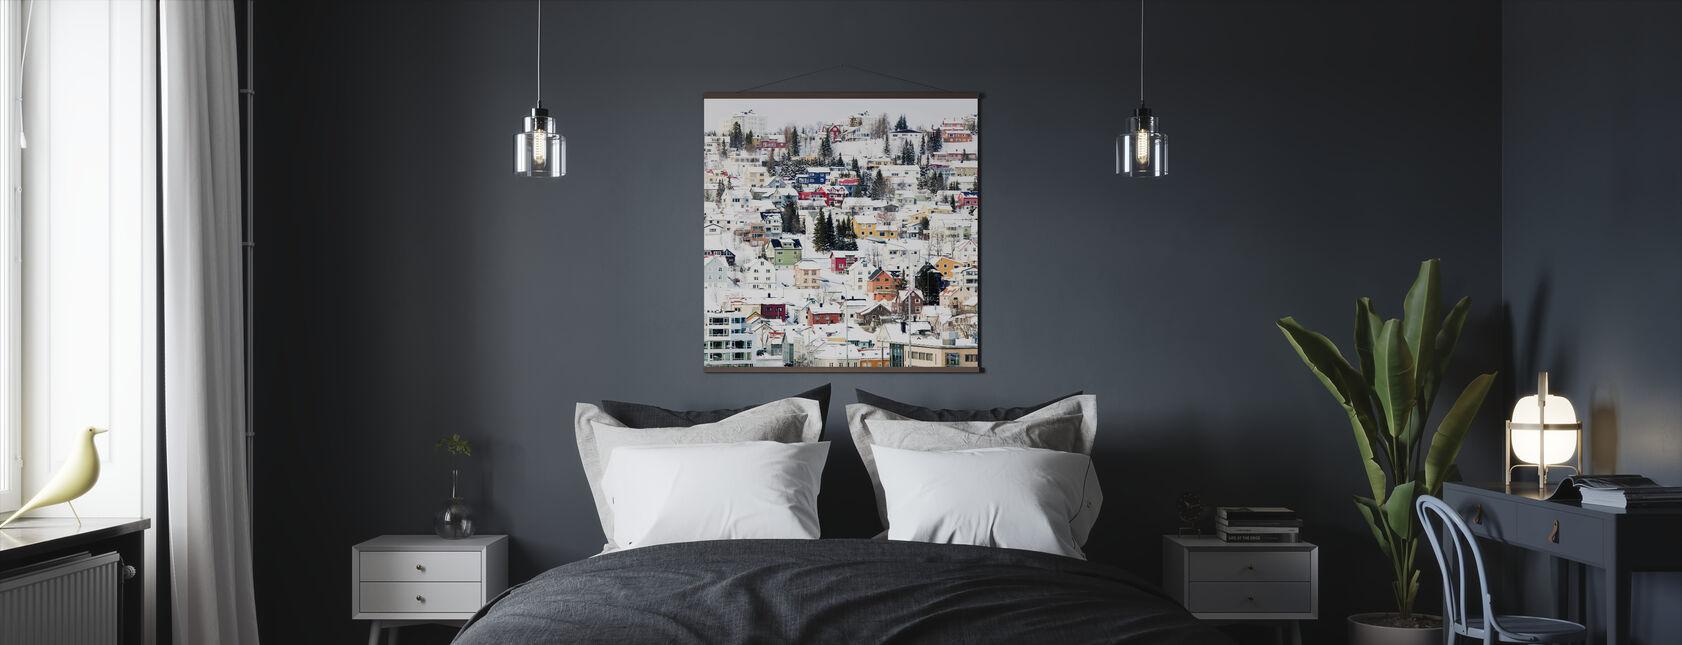 Norwegian Wood - Poster - Bedroom